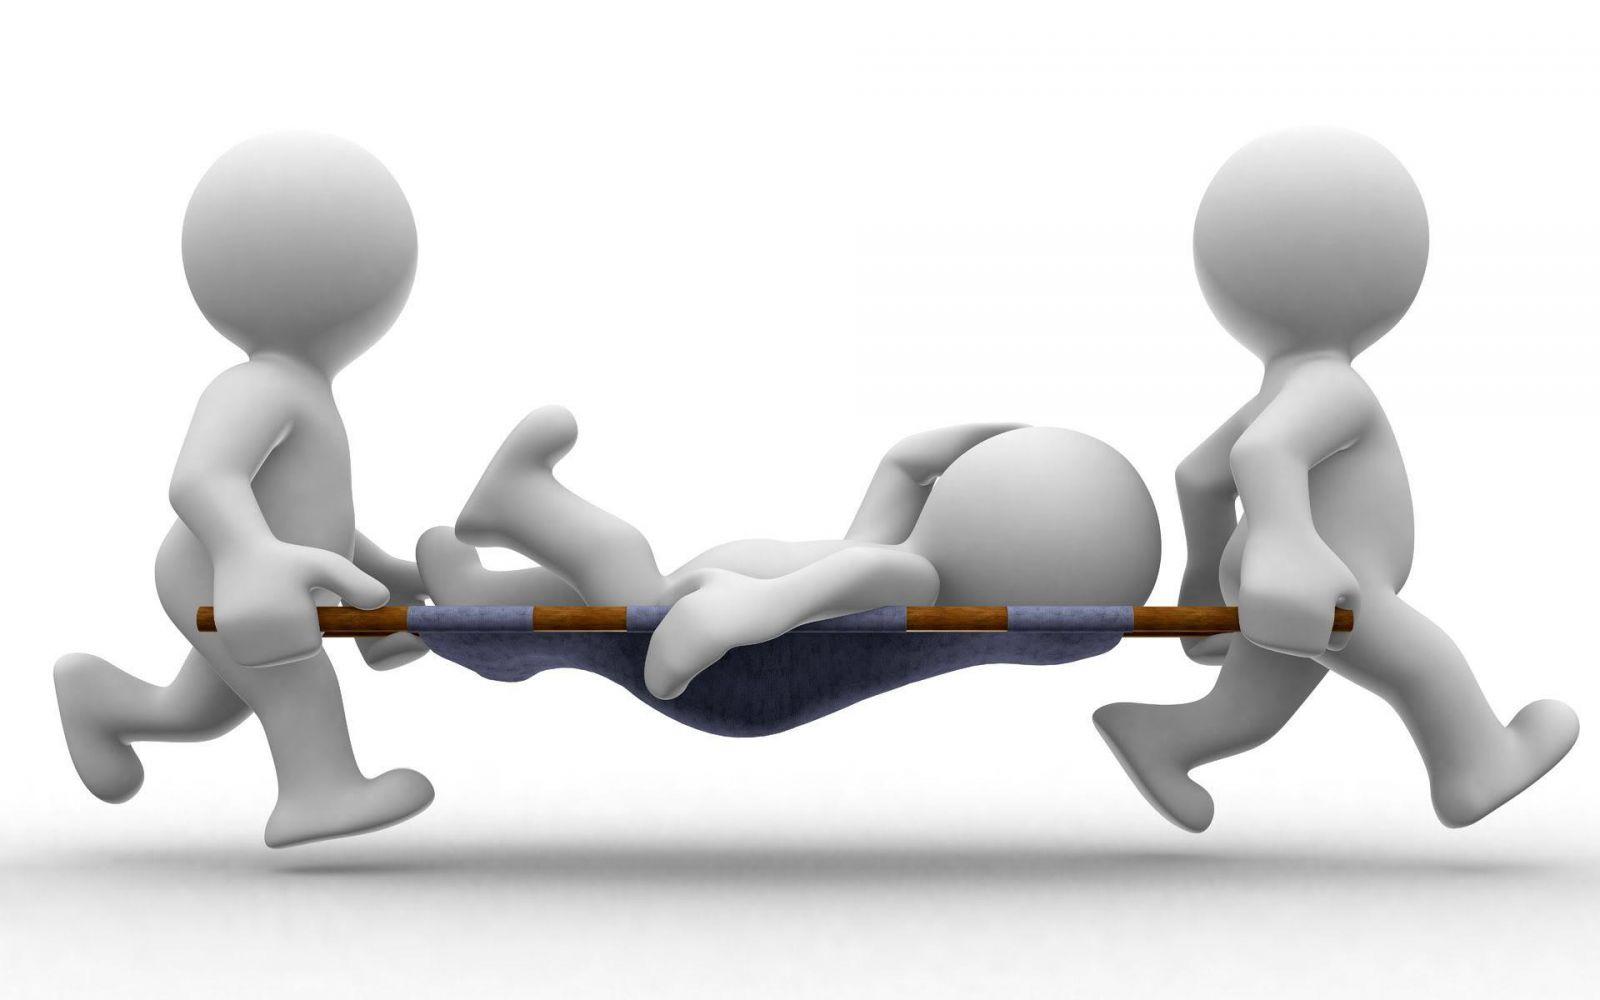 Страхование от несчастных случаев в системе социальной защиты населения